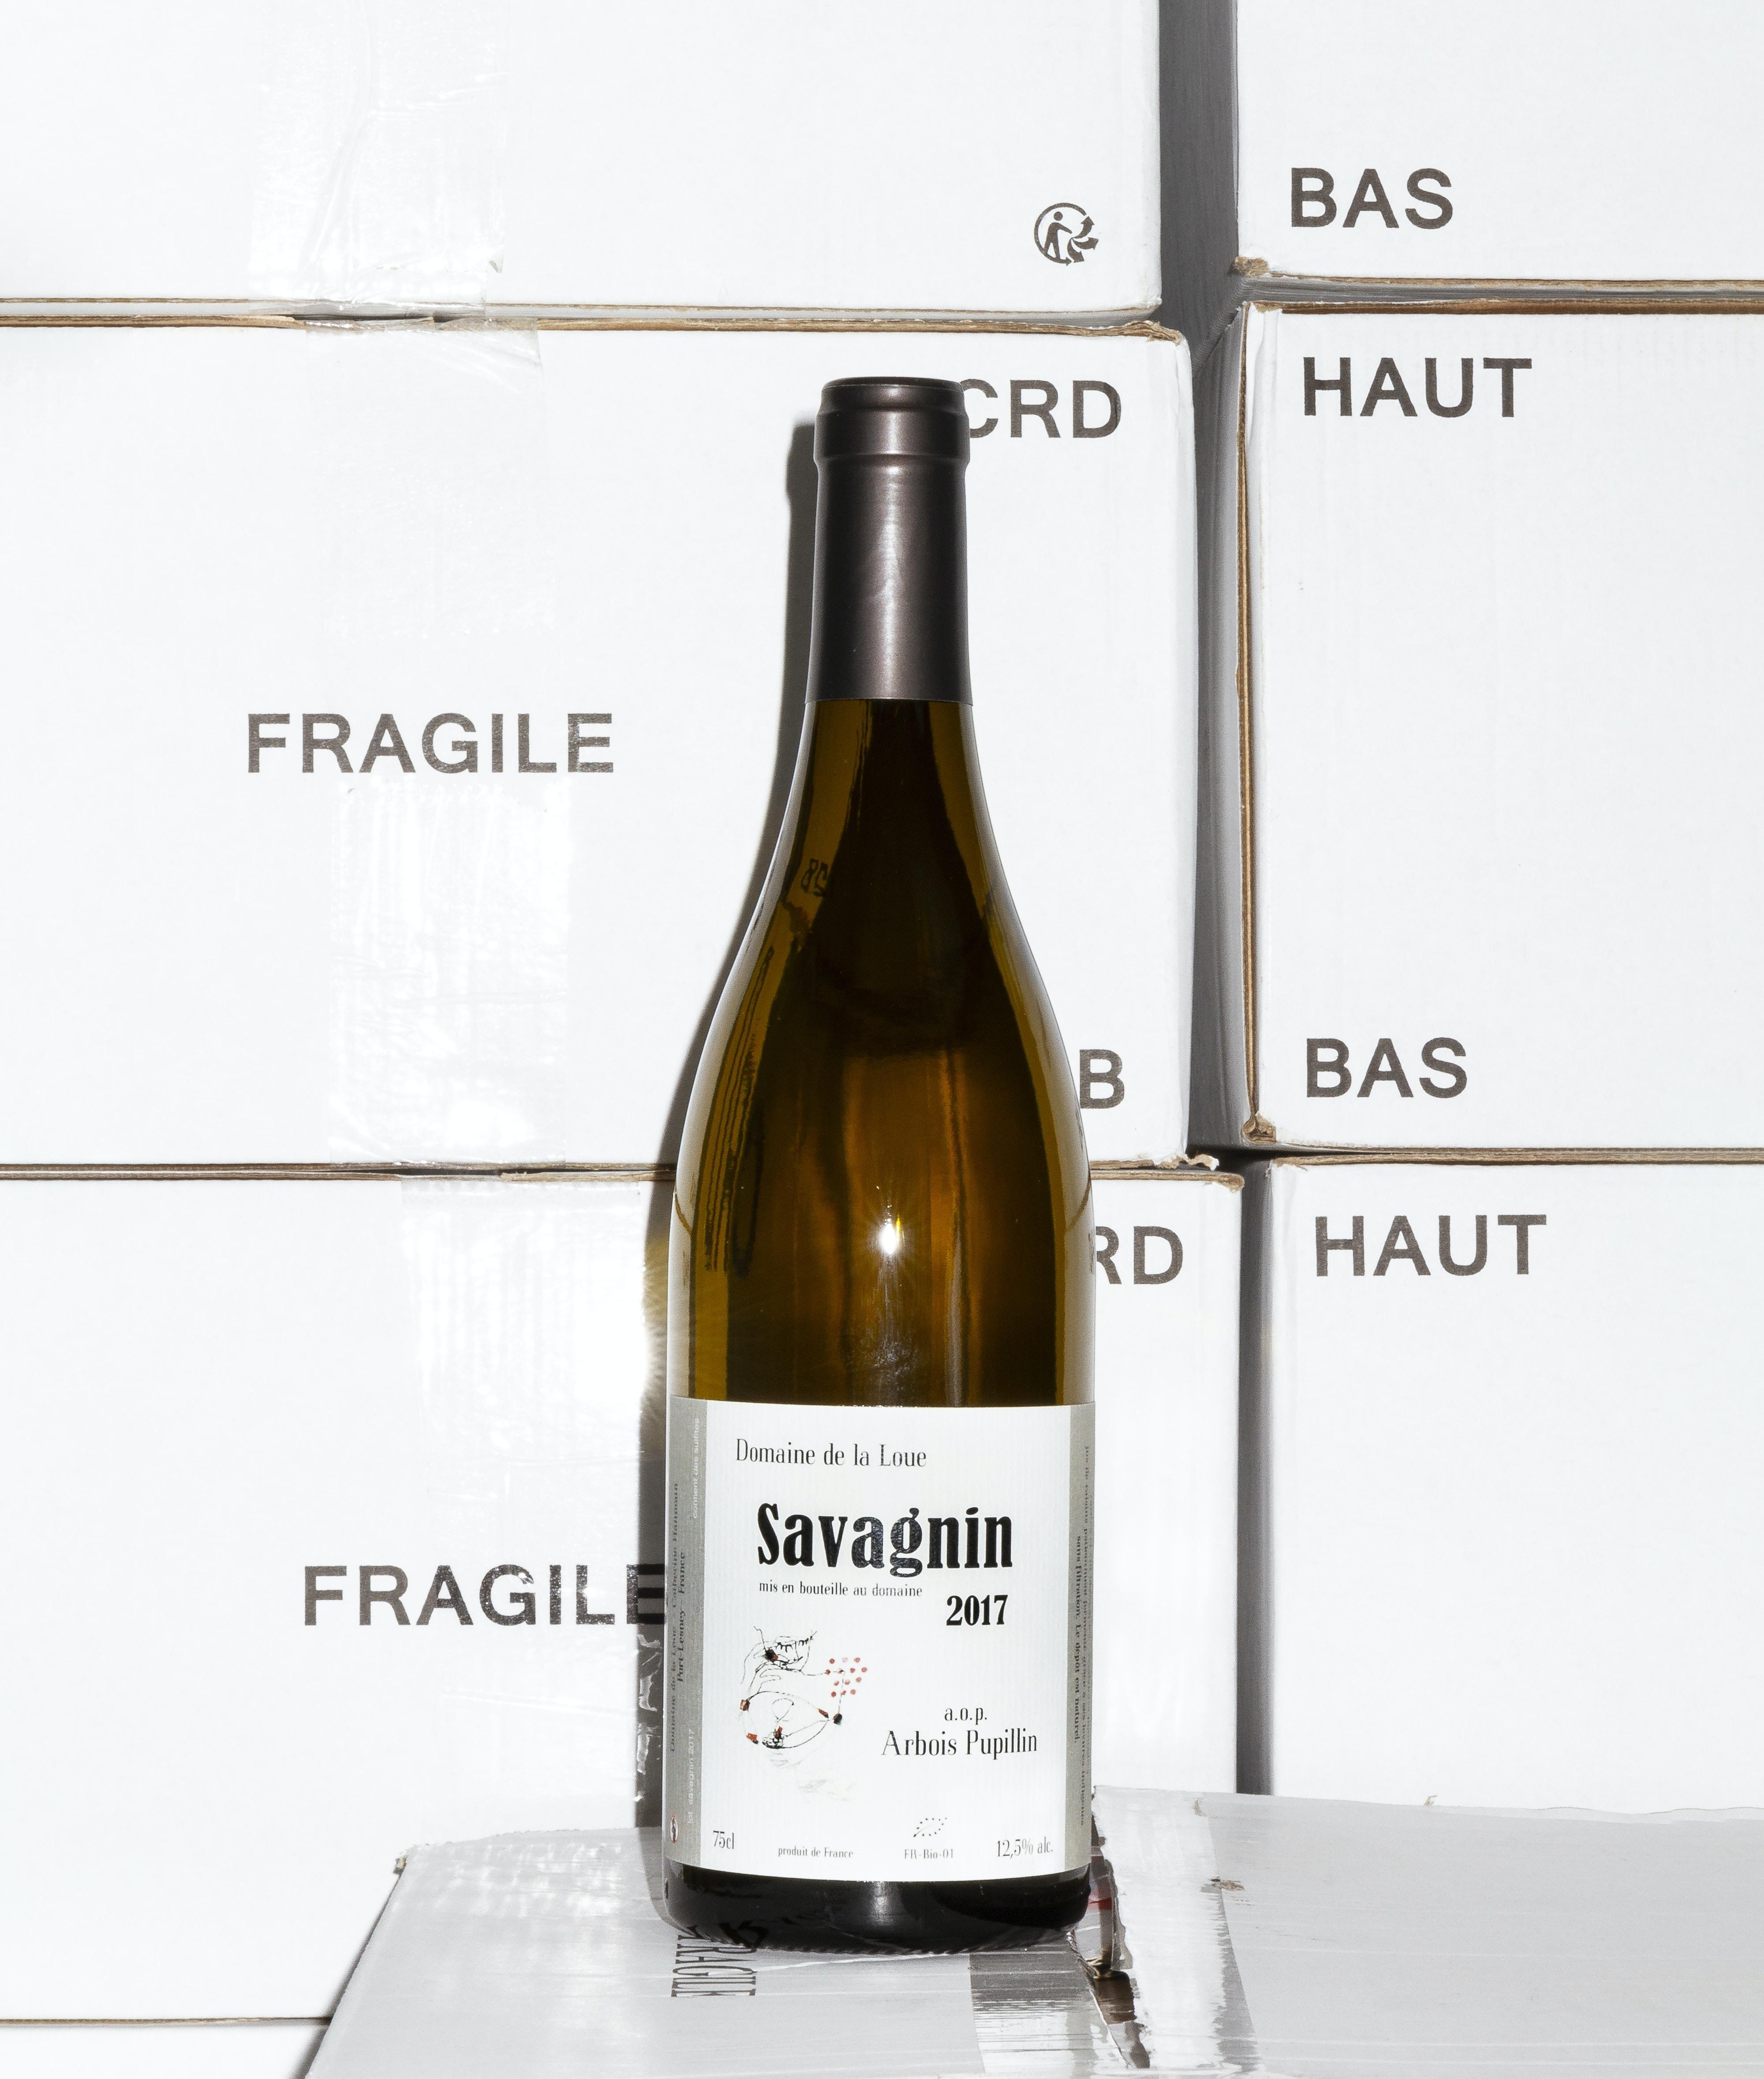 Savagnin 2017 by Domaine de la Loue